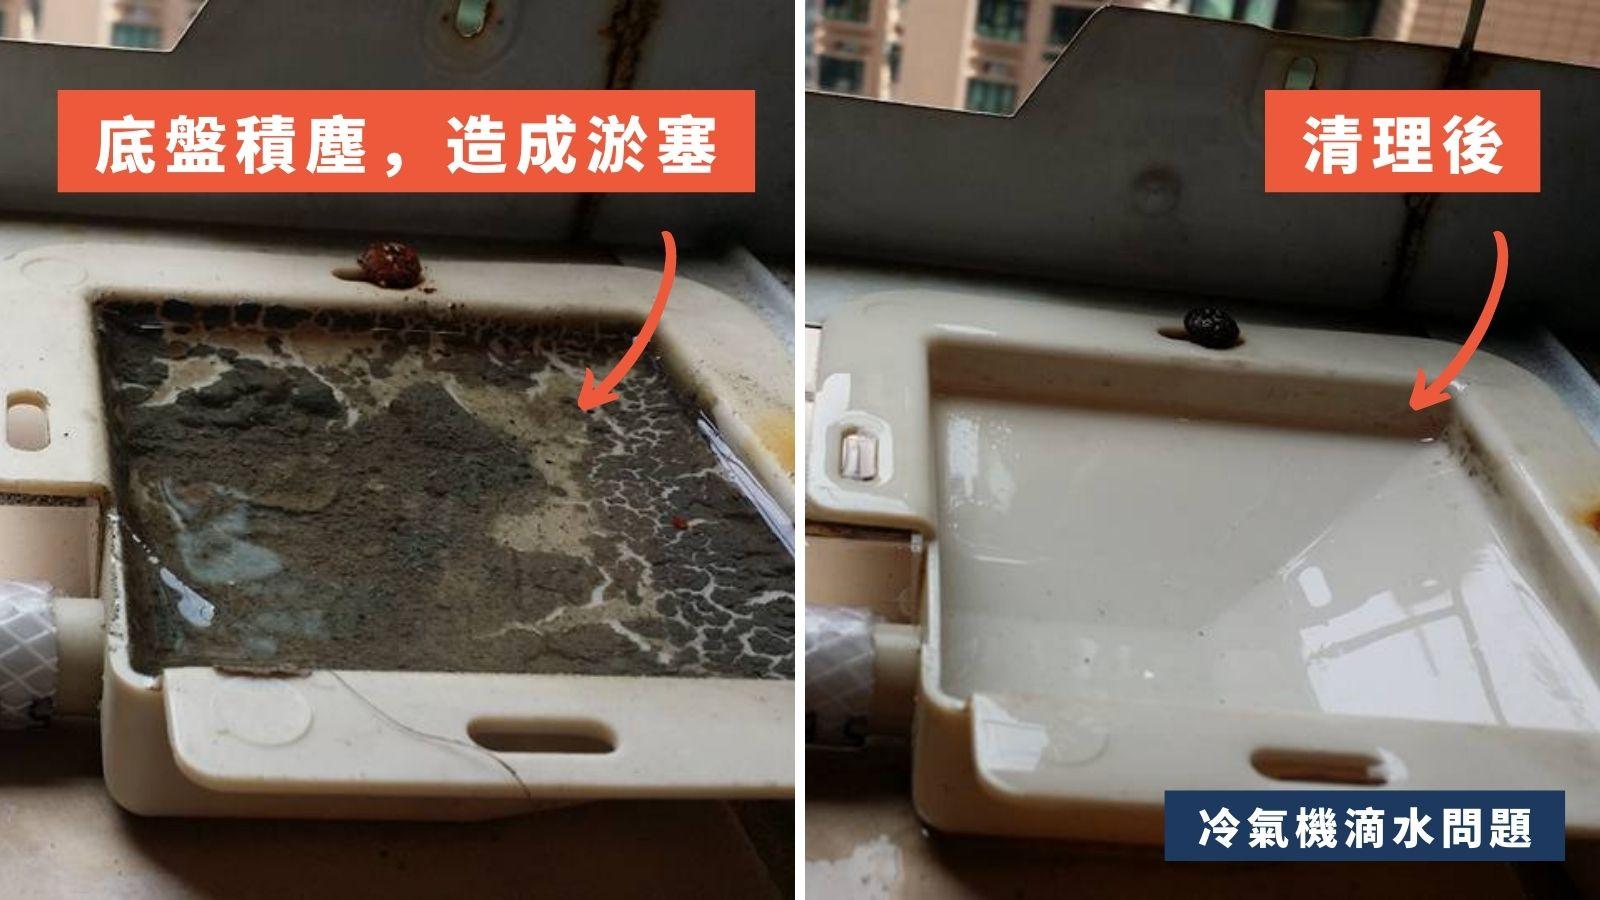 冷氣機滴水問題-底盤積塵